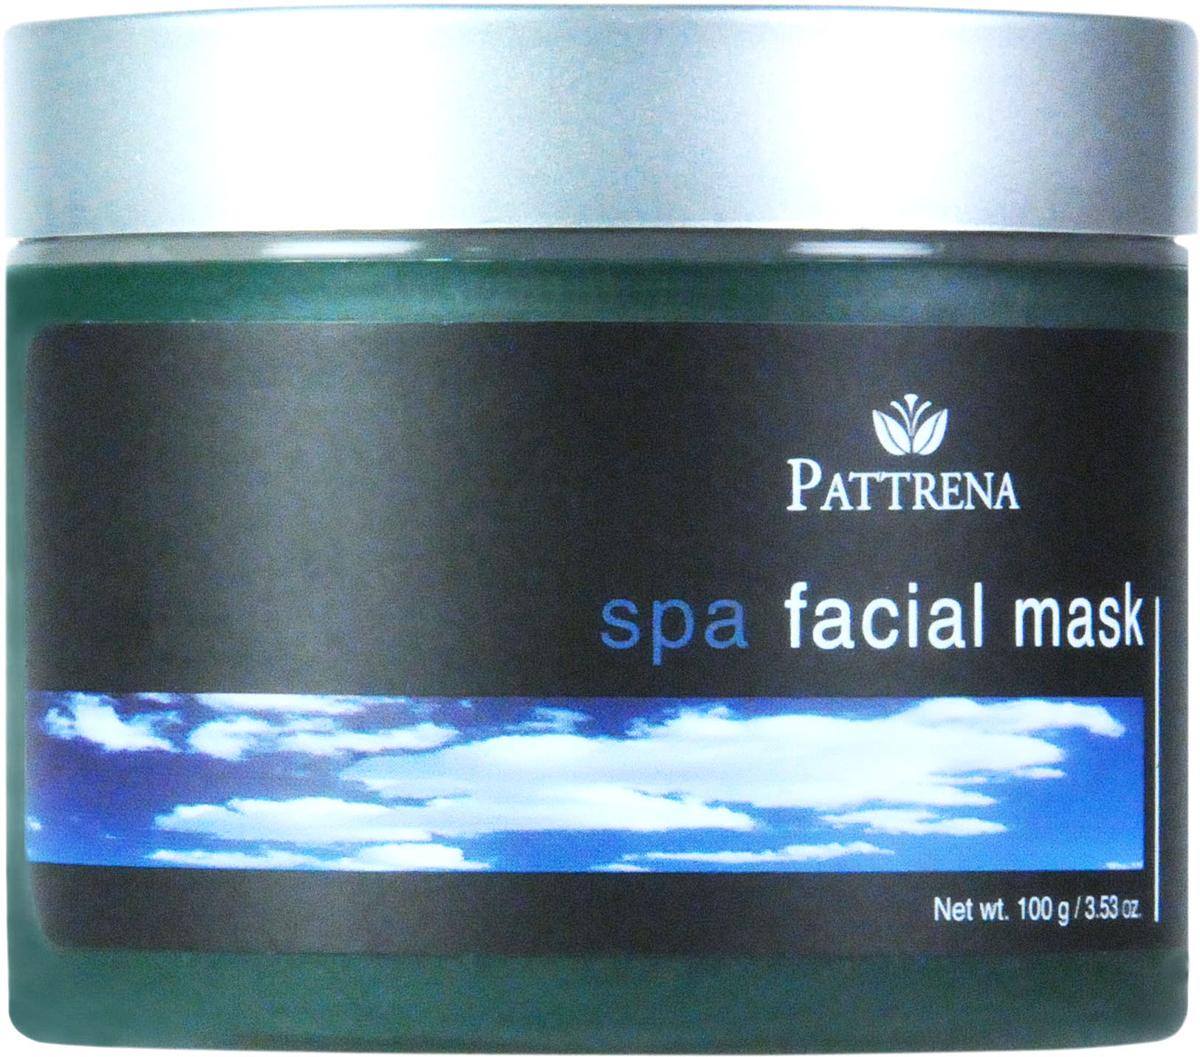 Pattrena Маска для лица Паттрена Спа, 100 гFS-00103Чрезвычайно легкая маска для лица, которая тщательно и нежно очищает вашу кожу от загрязнений и жира. Экстракт центеллы разглаживает и подтягивает кожу. После применения вы ощутите энергию и легкое покалывание, сможете насладиться еще большим блеском, свежестью и здоровым румянцем на вашей коже.Экстракт центеллы помогает коже стать более упругой, свежей и чистой. Добавление эфирного масла способствует восстановлению и расслабляет кожу.Подходит для всех типов кожи.Полезные свойства:• Придает упругость коже• Успокаивает и подрягивает кожу лица• Осветляет кожу и придает ей блестящий внешний вид